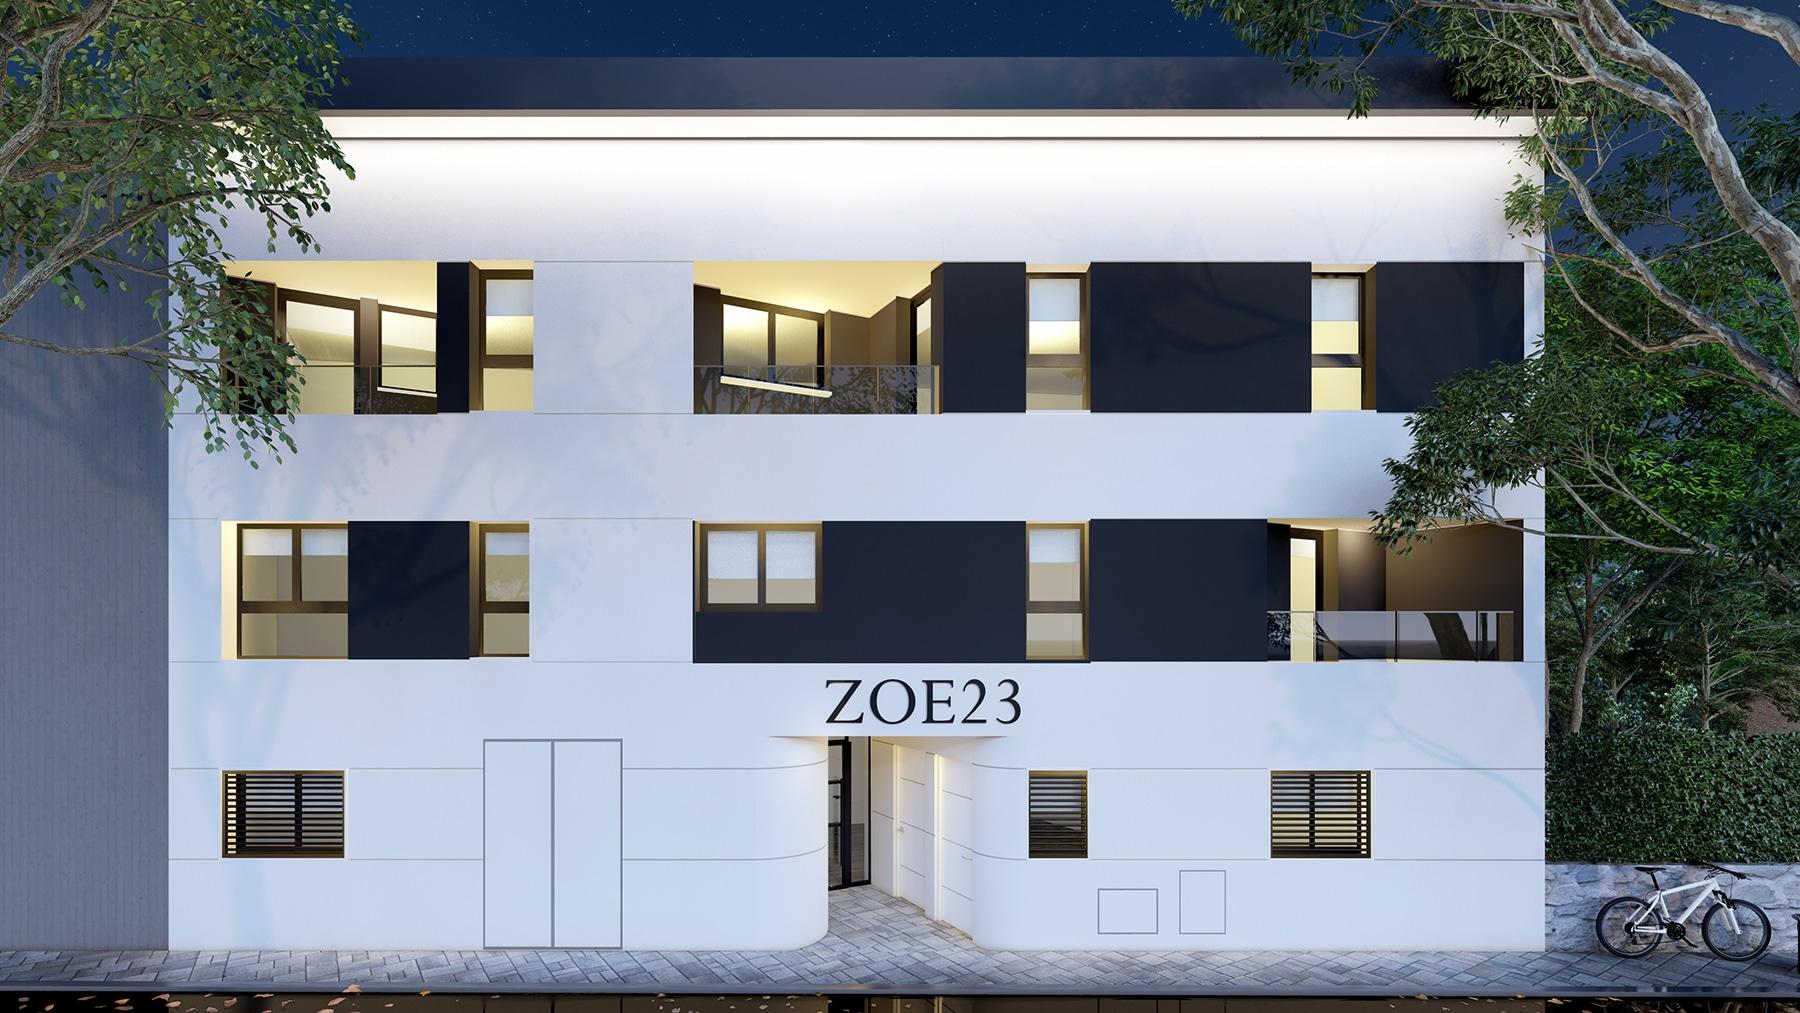 zoe23_inversion en vivienda asequible